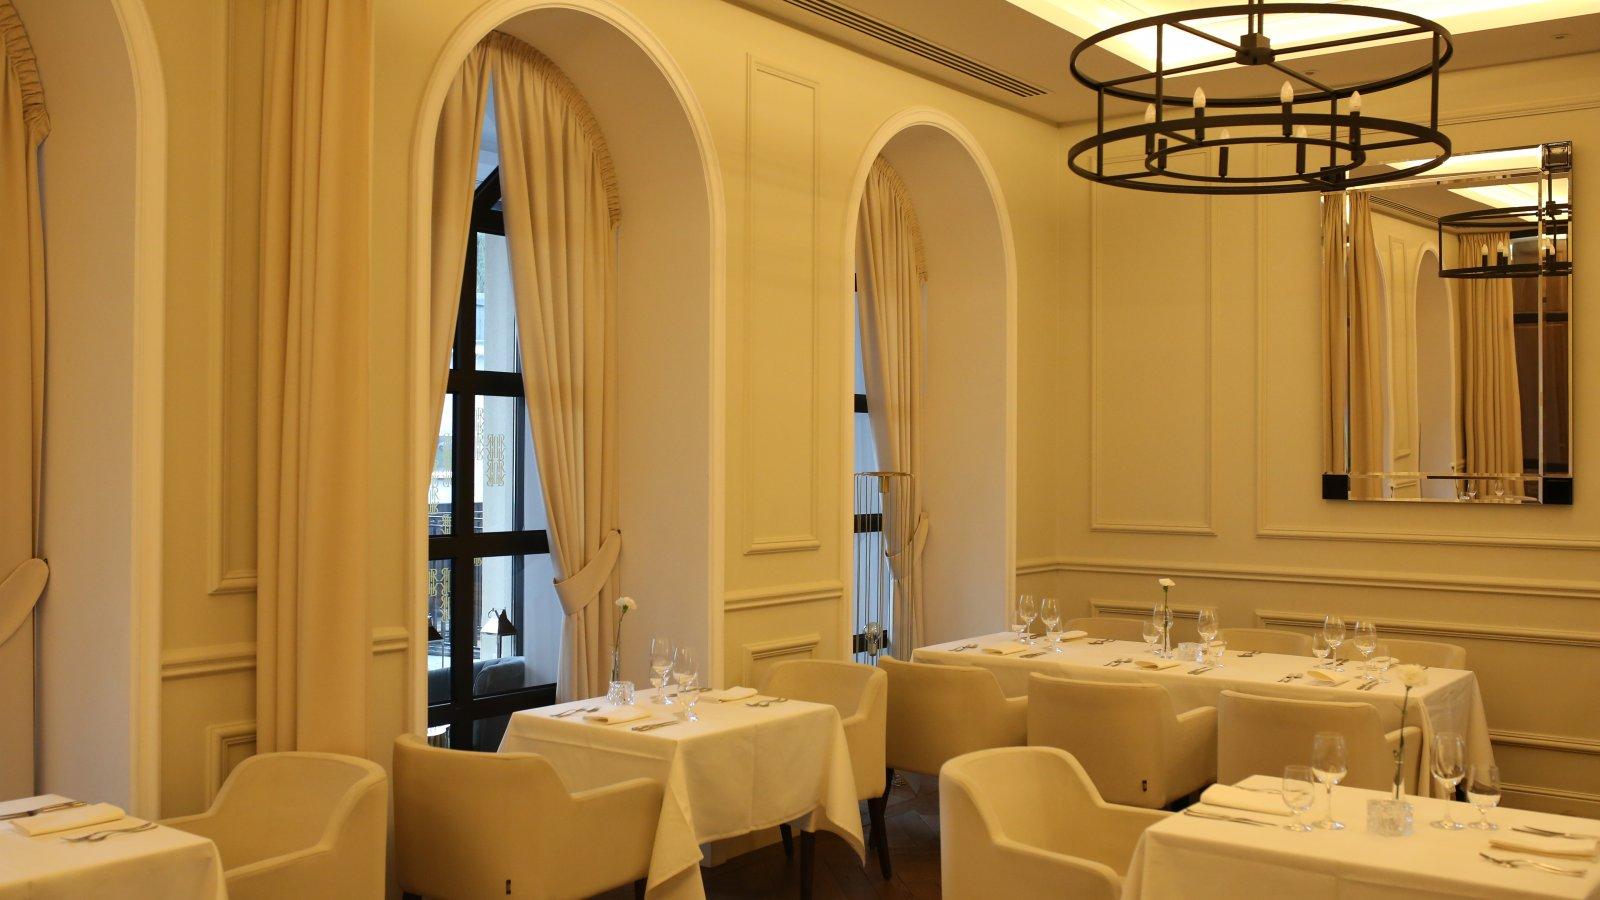 restauracja/Salarestauracyjna2.JPG.CR2.JPG